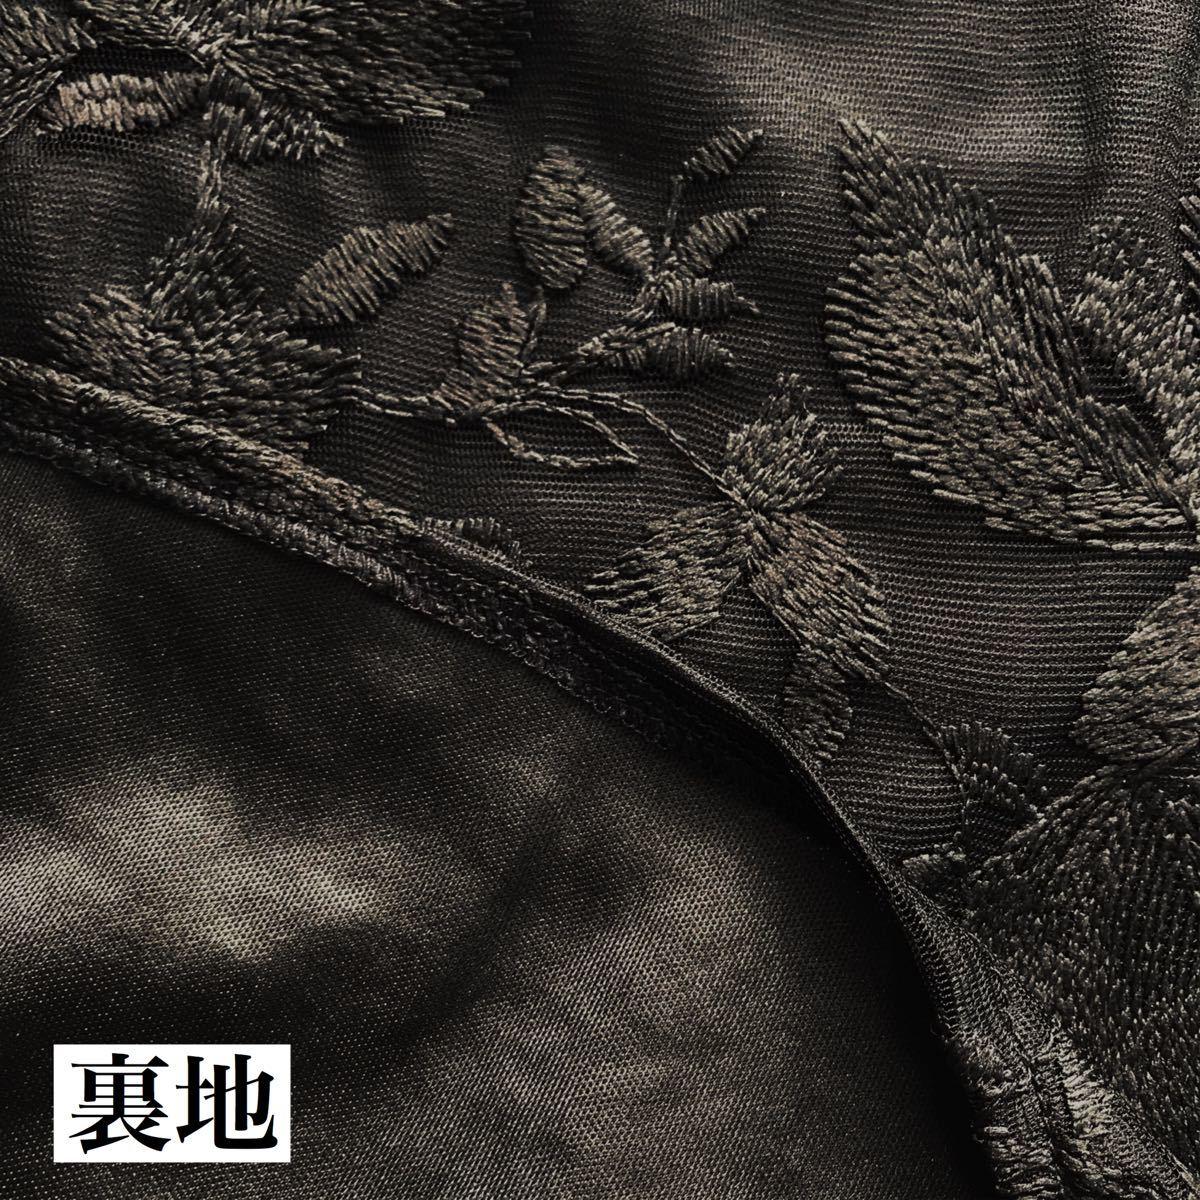 ブラウス 韓国 黒 トップス レディース 花柄 レース バルーン袖 シースルー